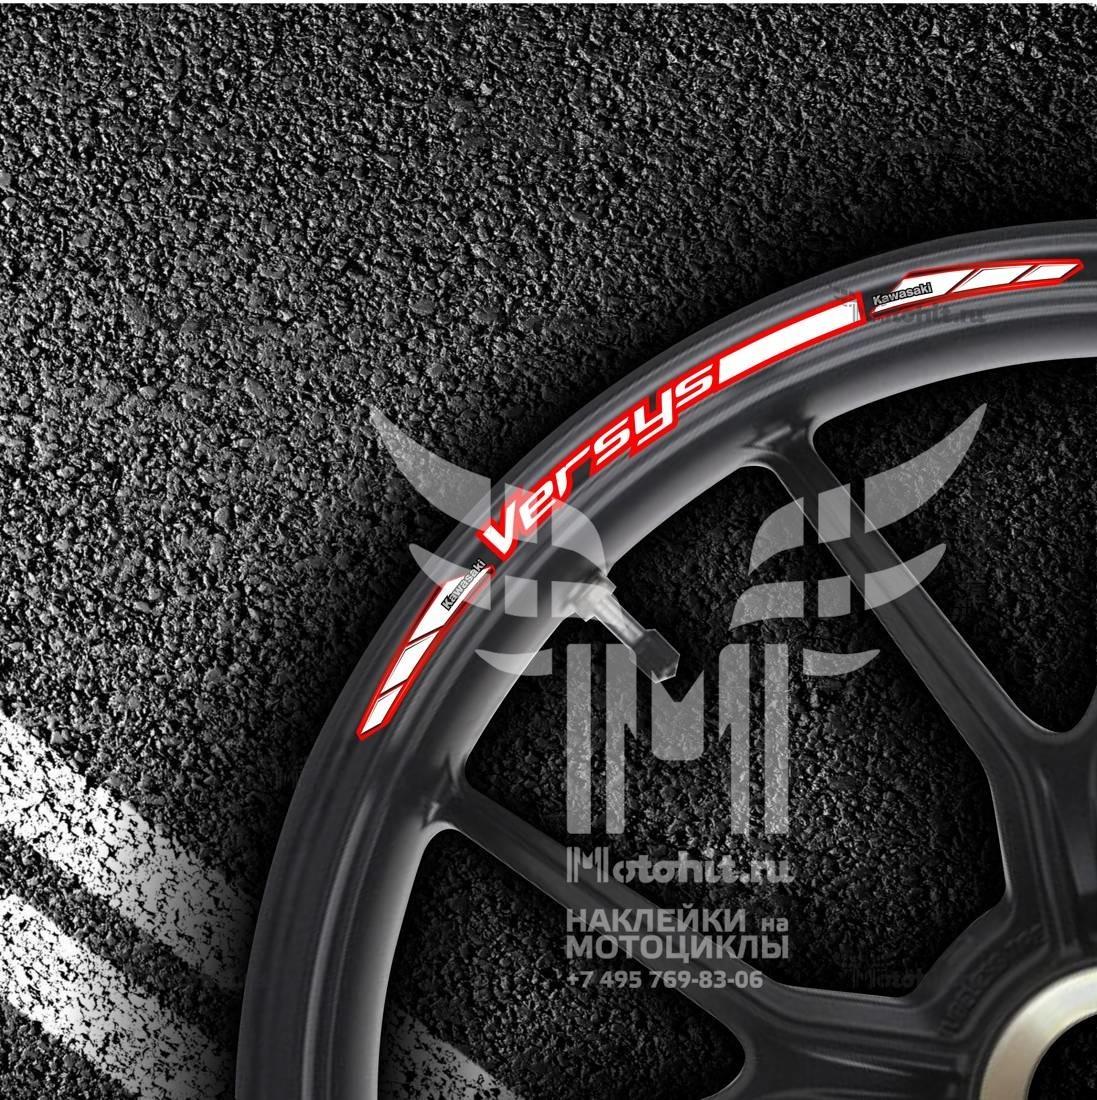 Комплект наклеек на обод колеса мотоцикла KAWASAKI VERSYS